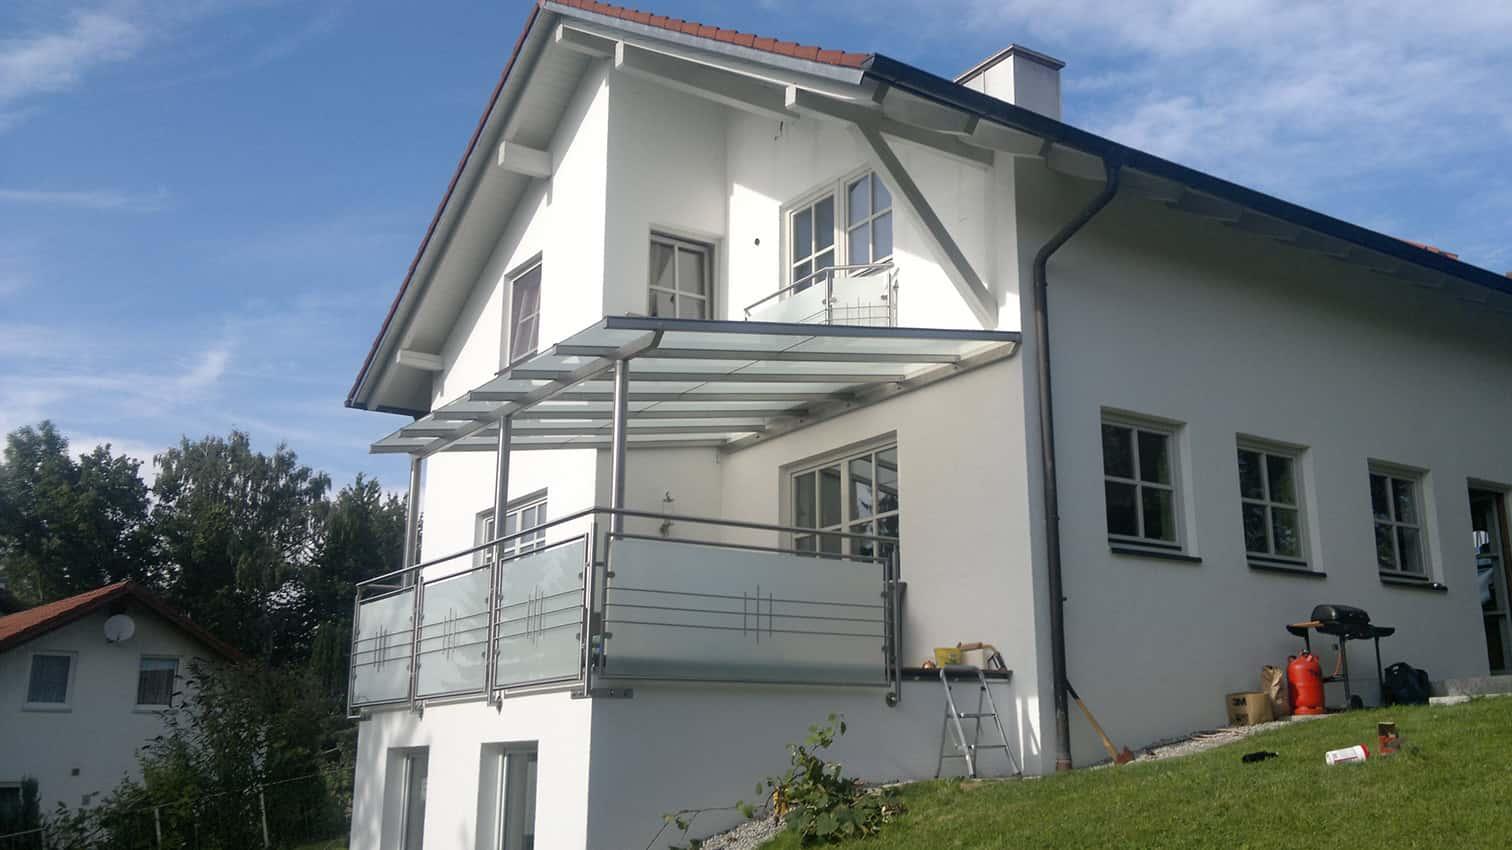 Vordach als Sonnen und Wetterschutz